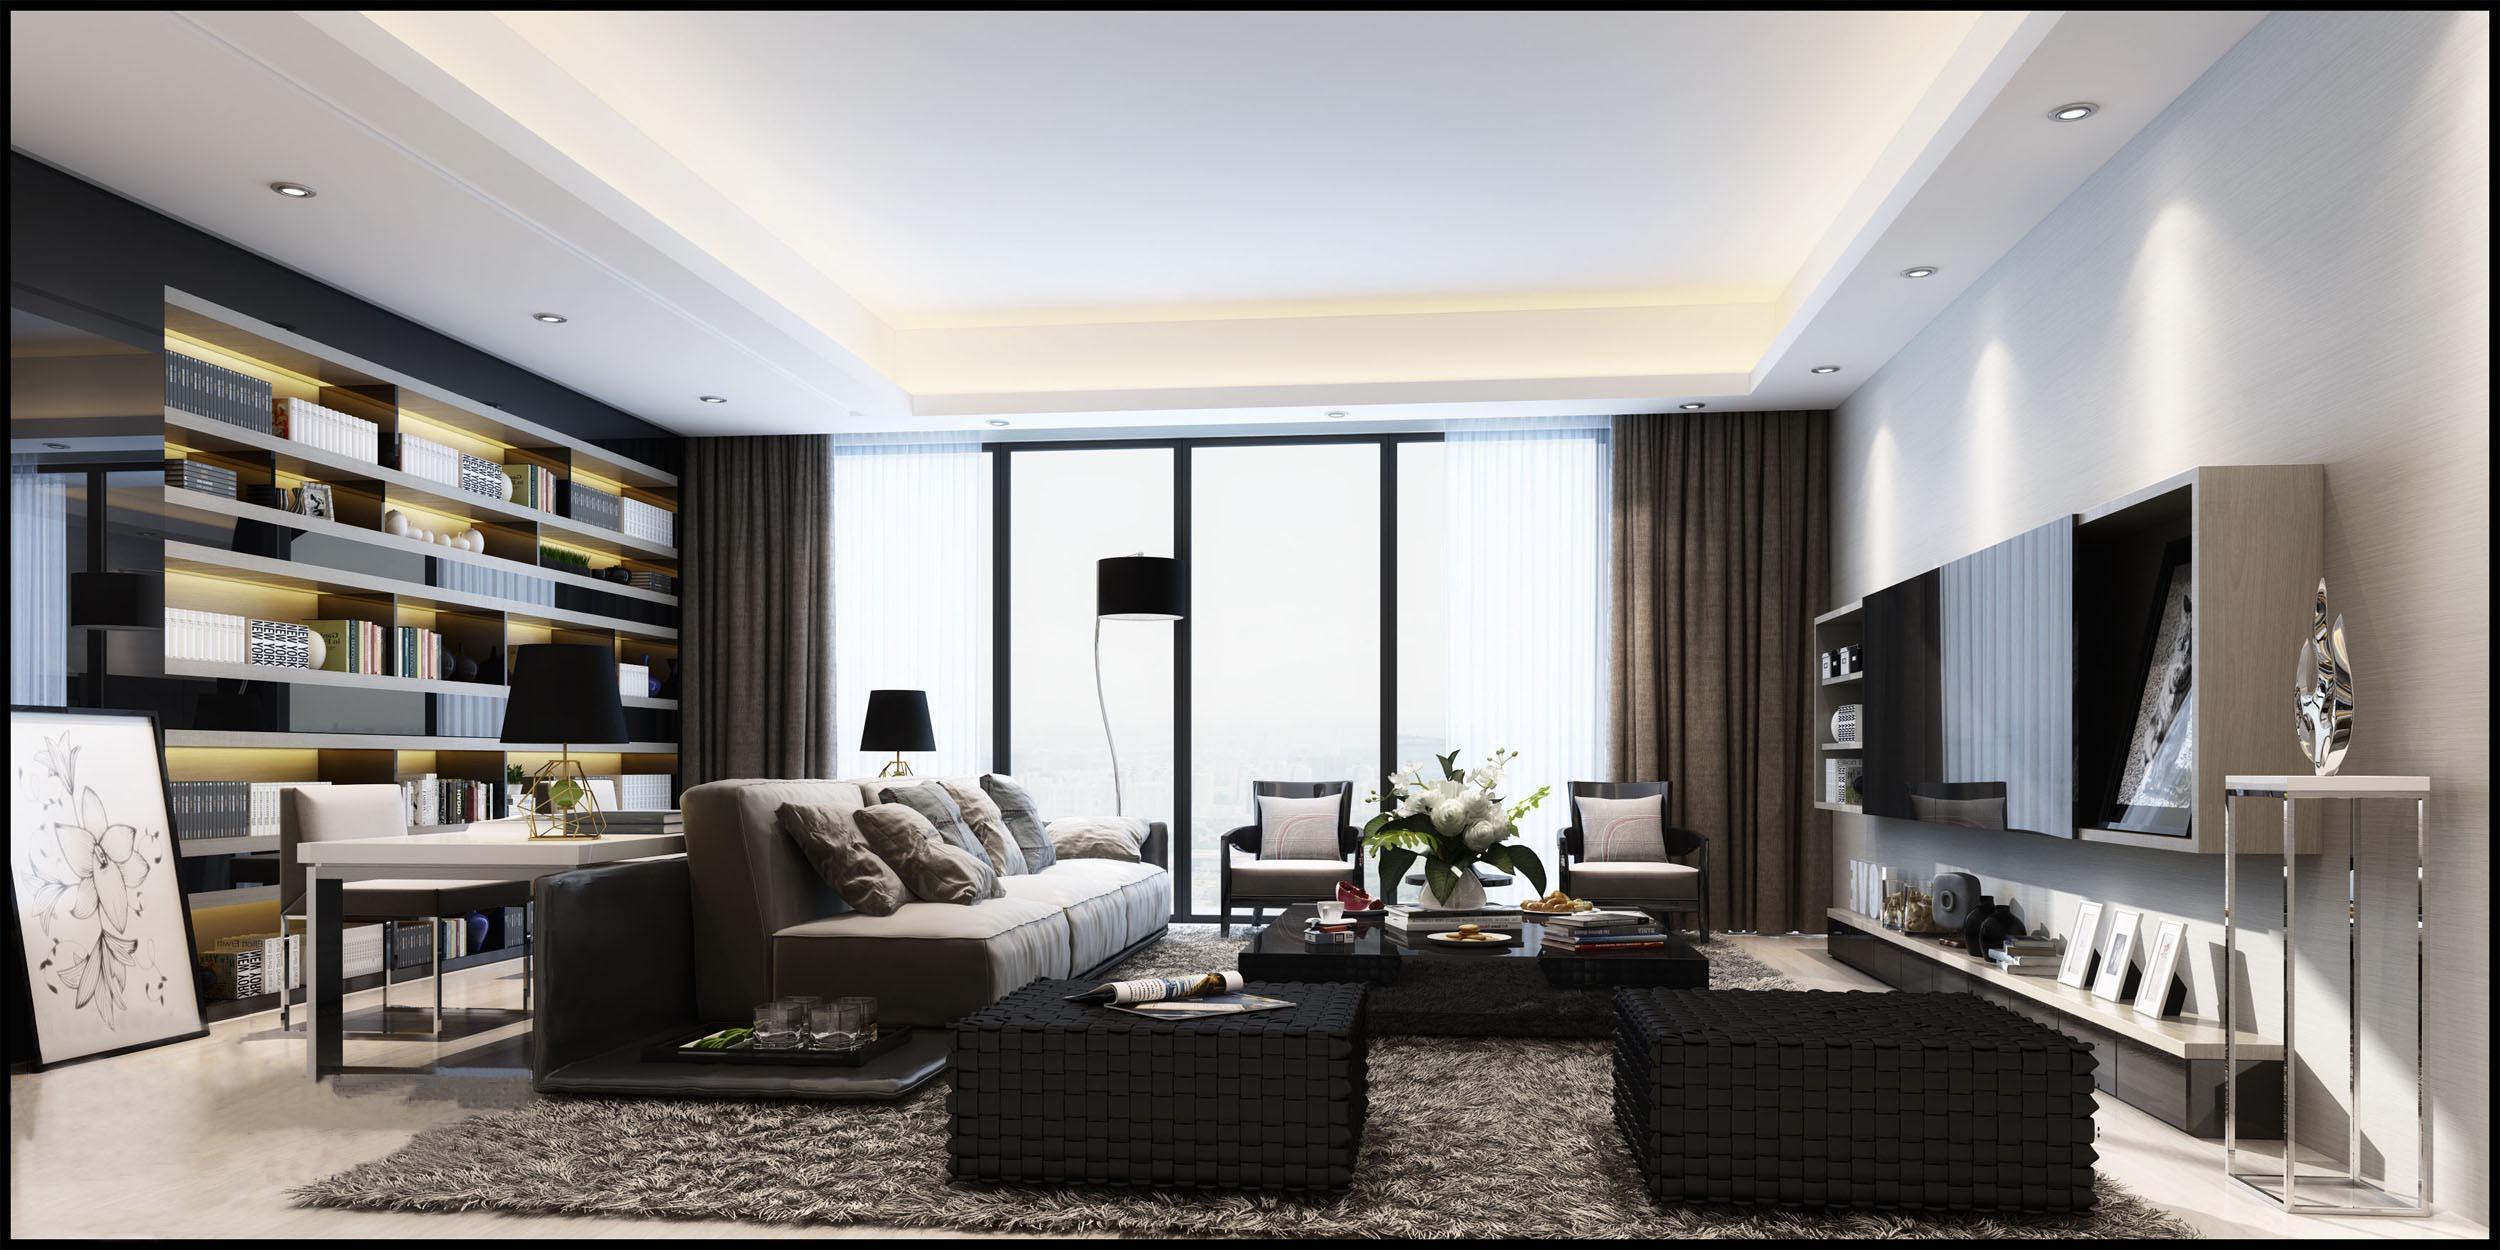 优派立方现代简约三居室装修效果图